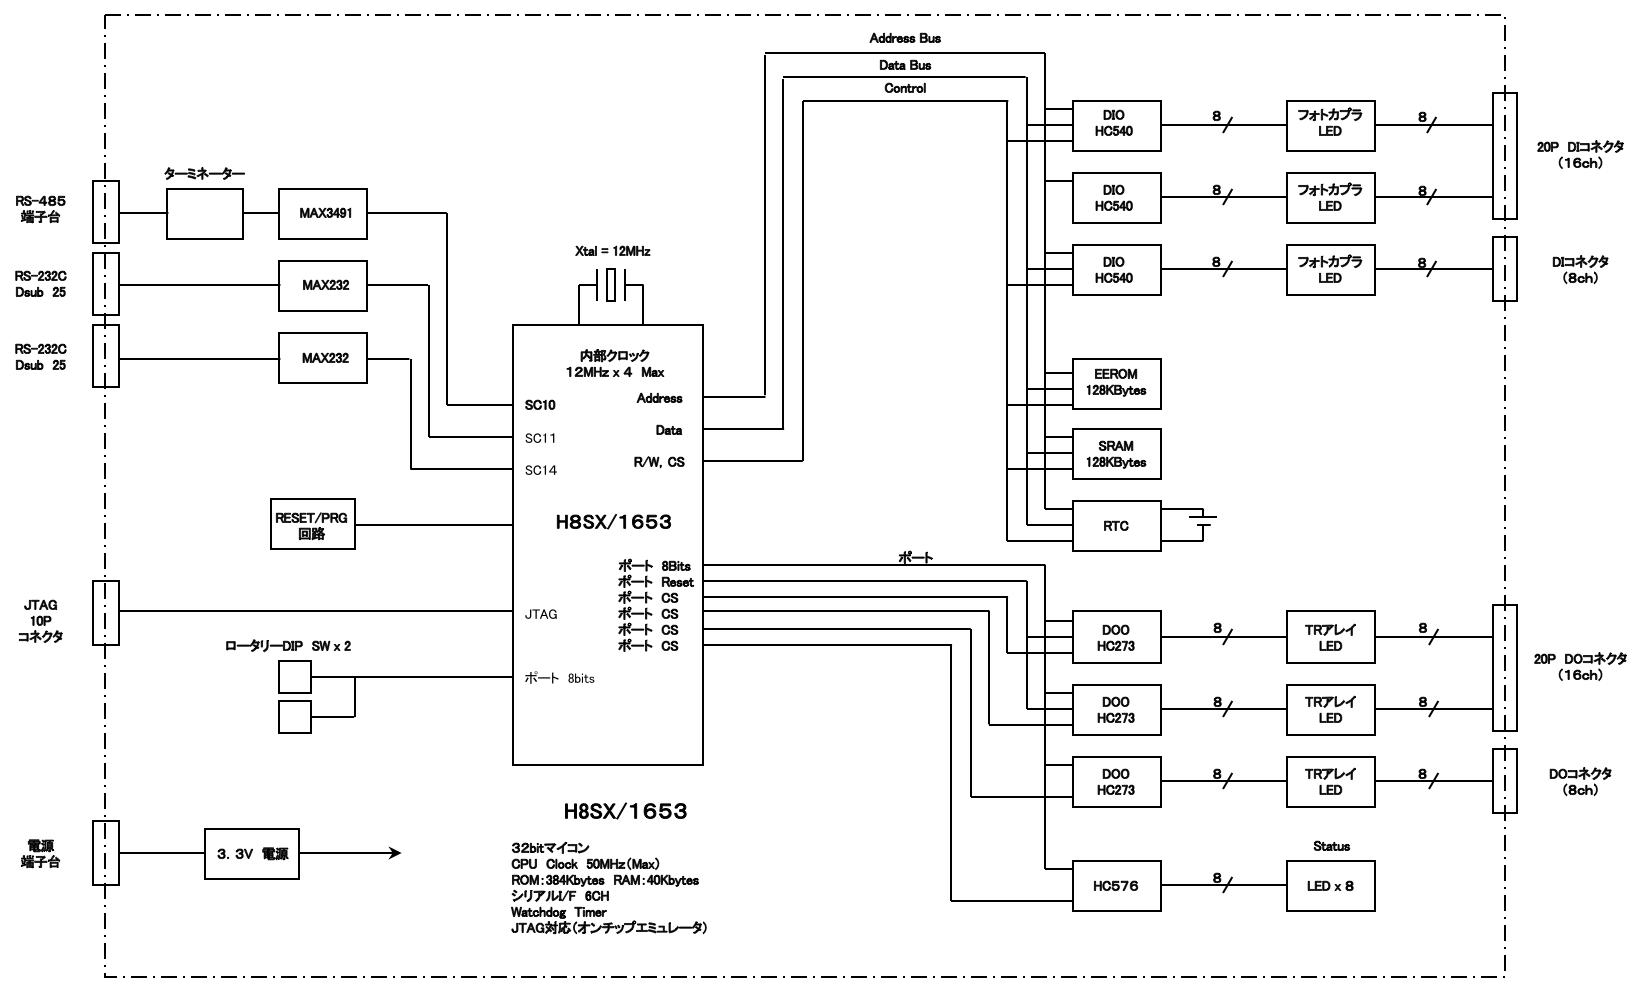 ハードウェアブロック図